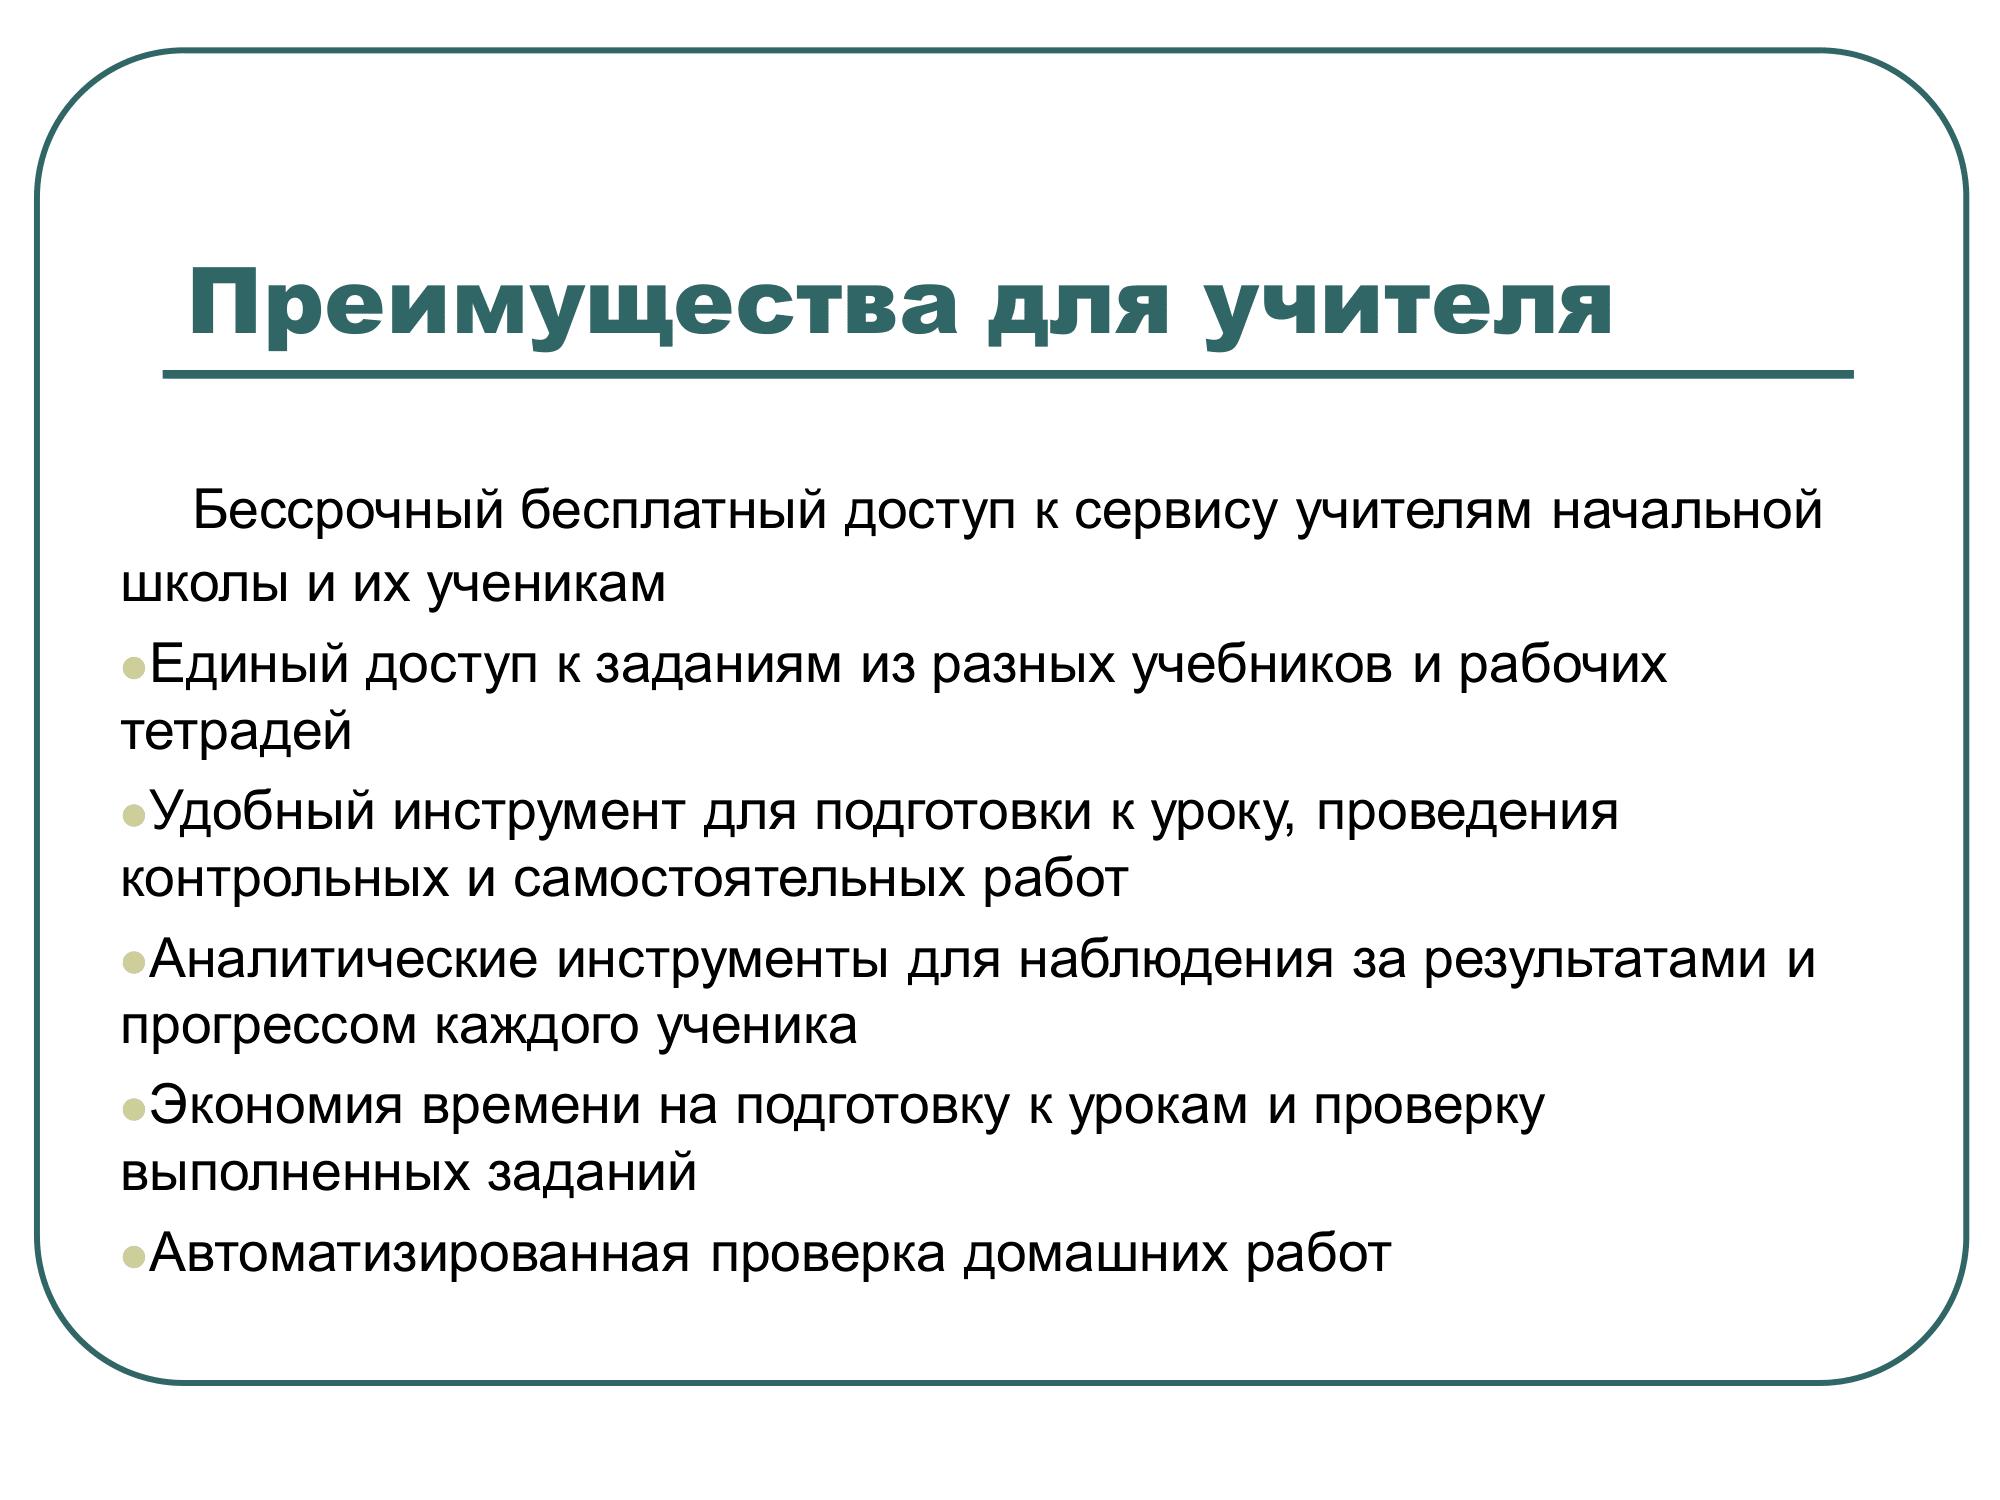 яндекс учебник. Презентация к докладу Васильченко Т.В._0003